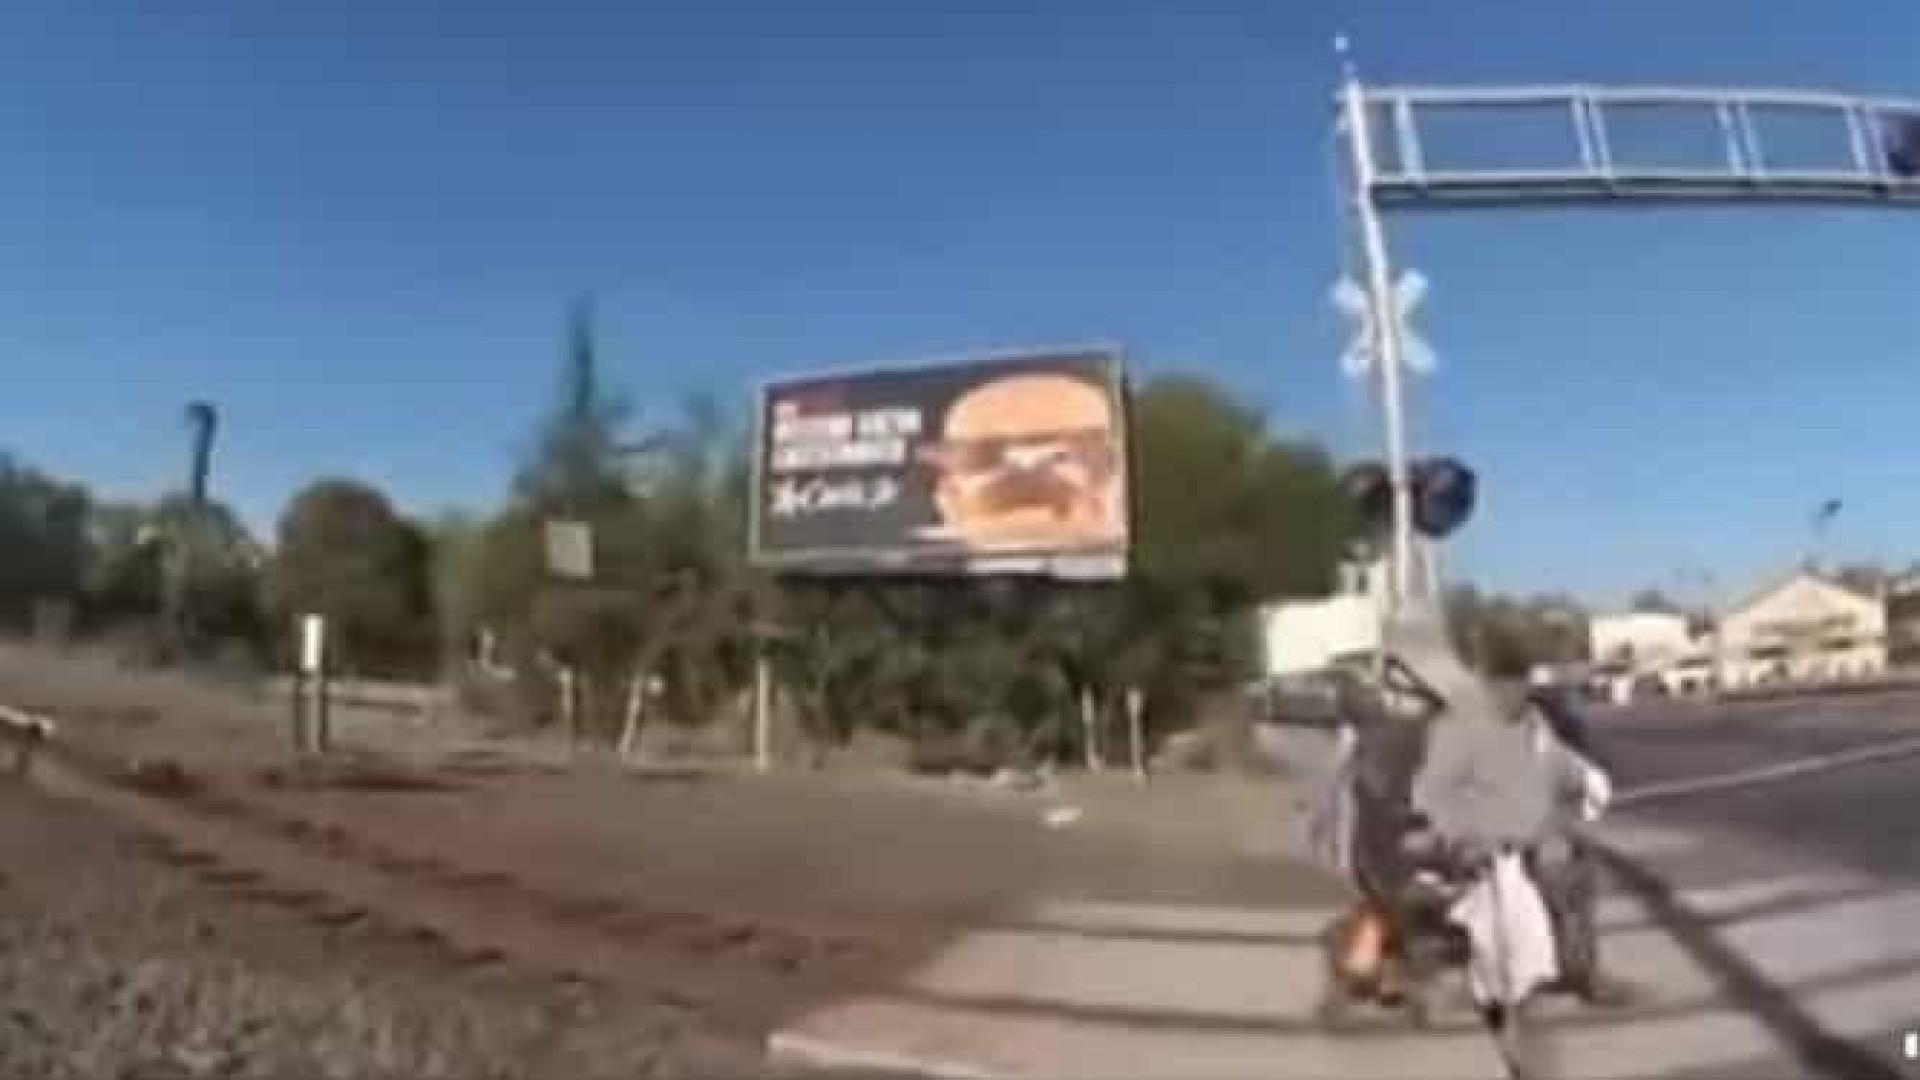 Policial salva homem de cadeira de rodas preso nos trilhos de trem